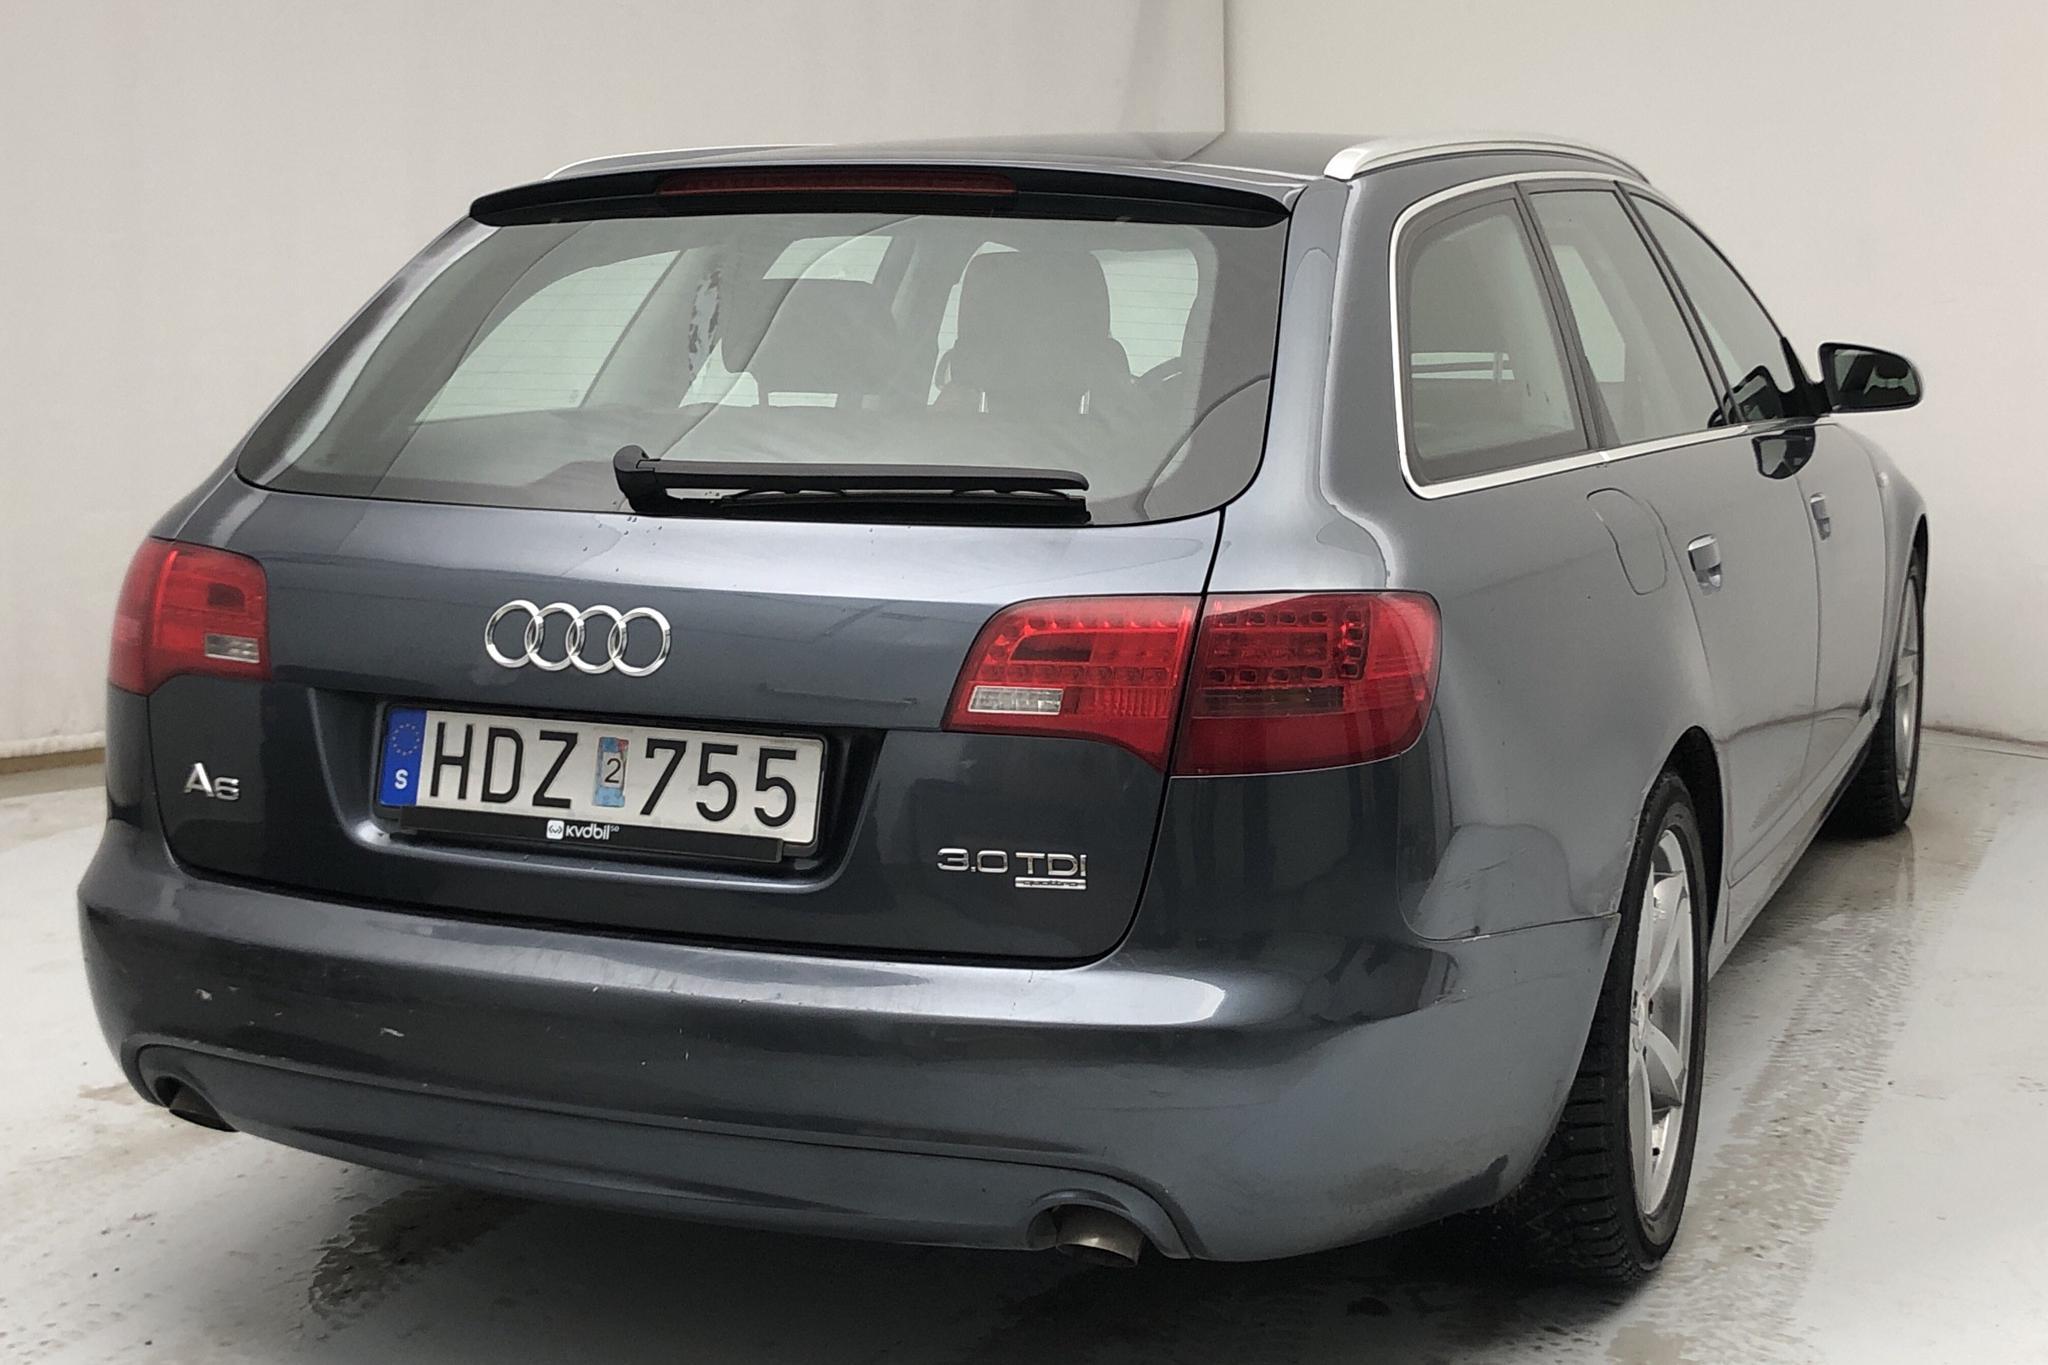 Audi A6 3.0 TDI Avant quattro (233hk) - 17 751 mil - Automat - blå - 2008